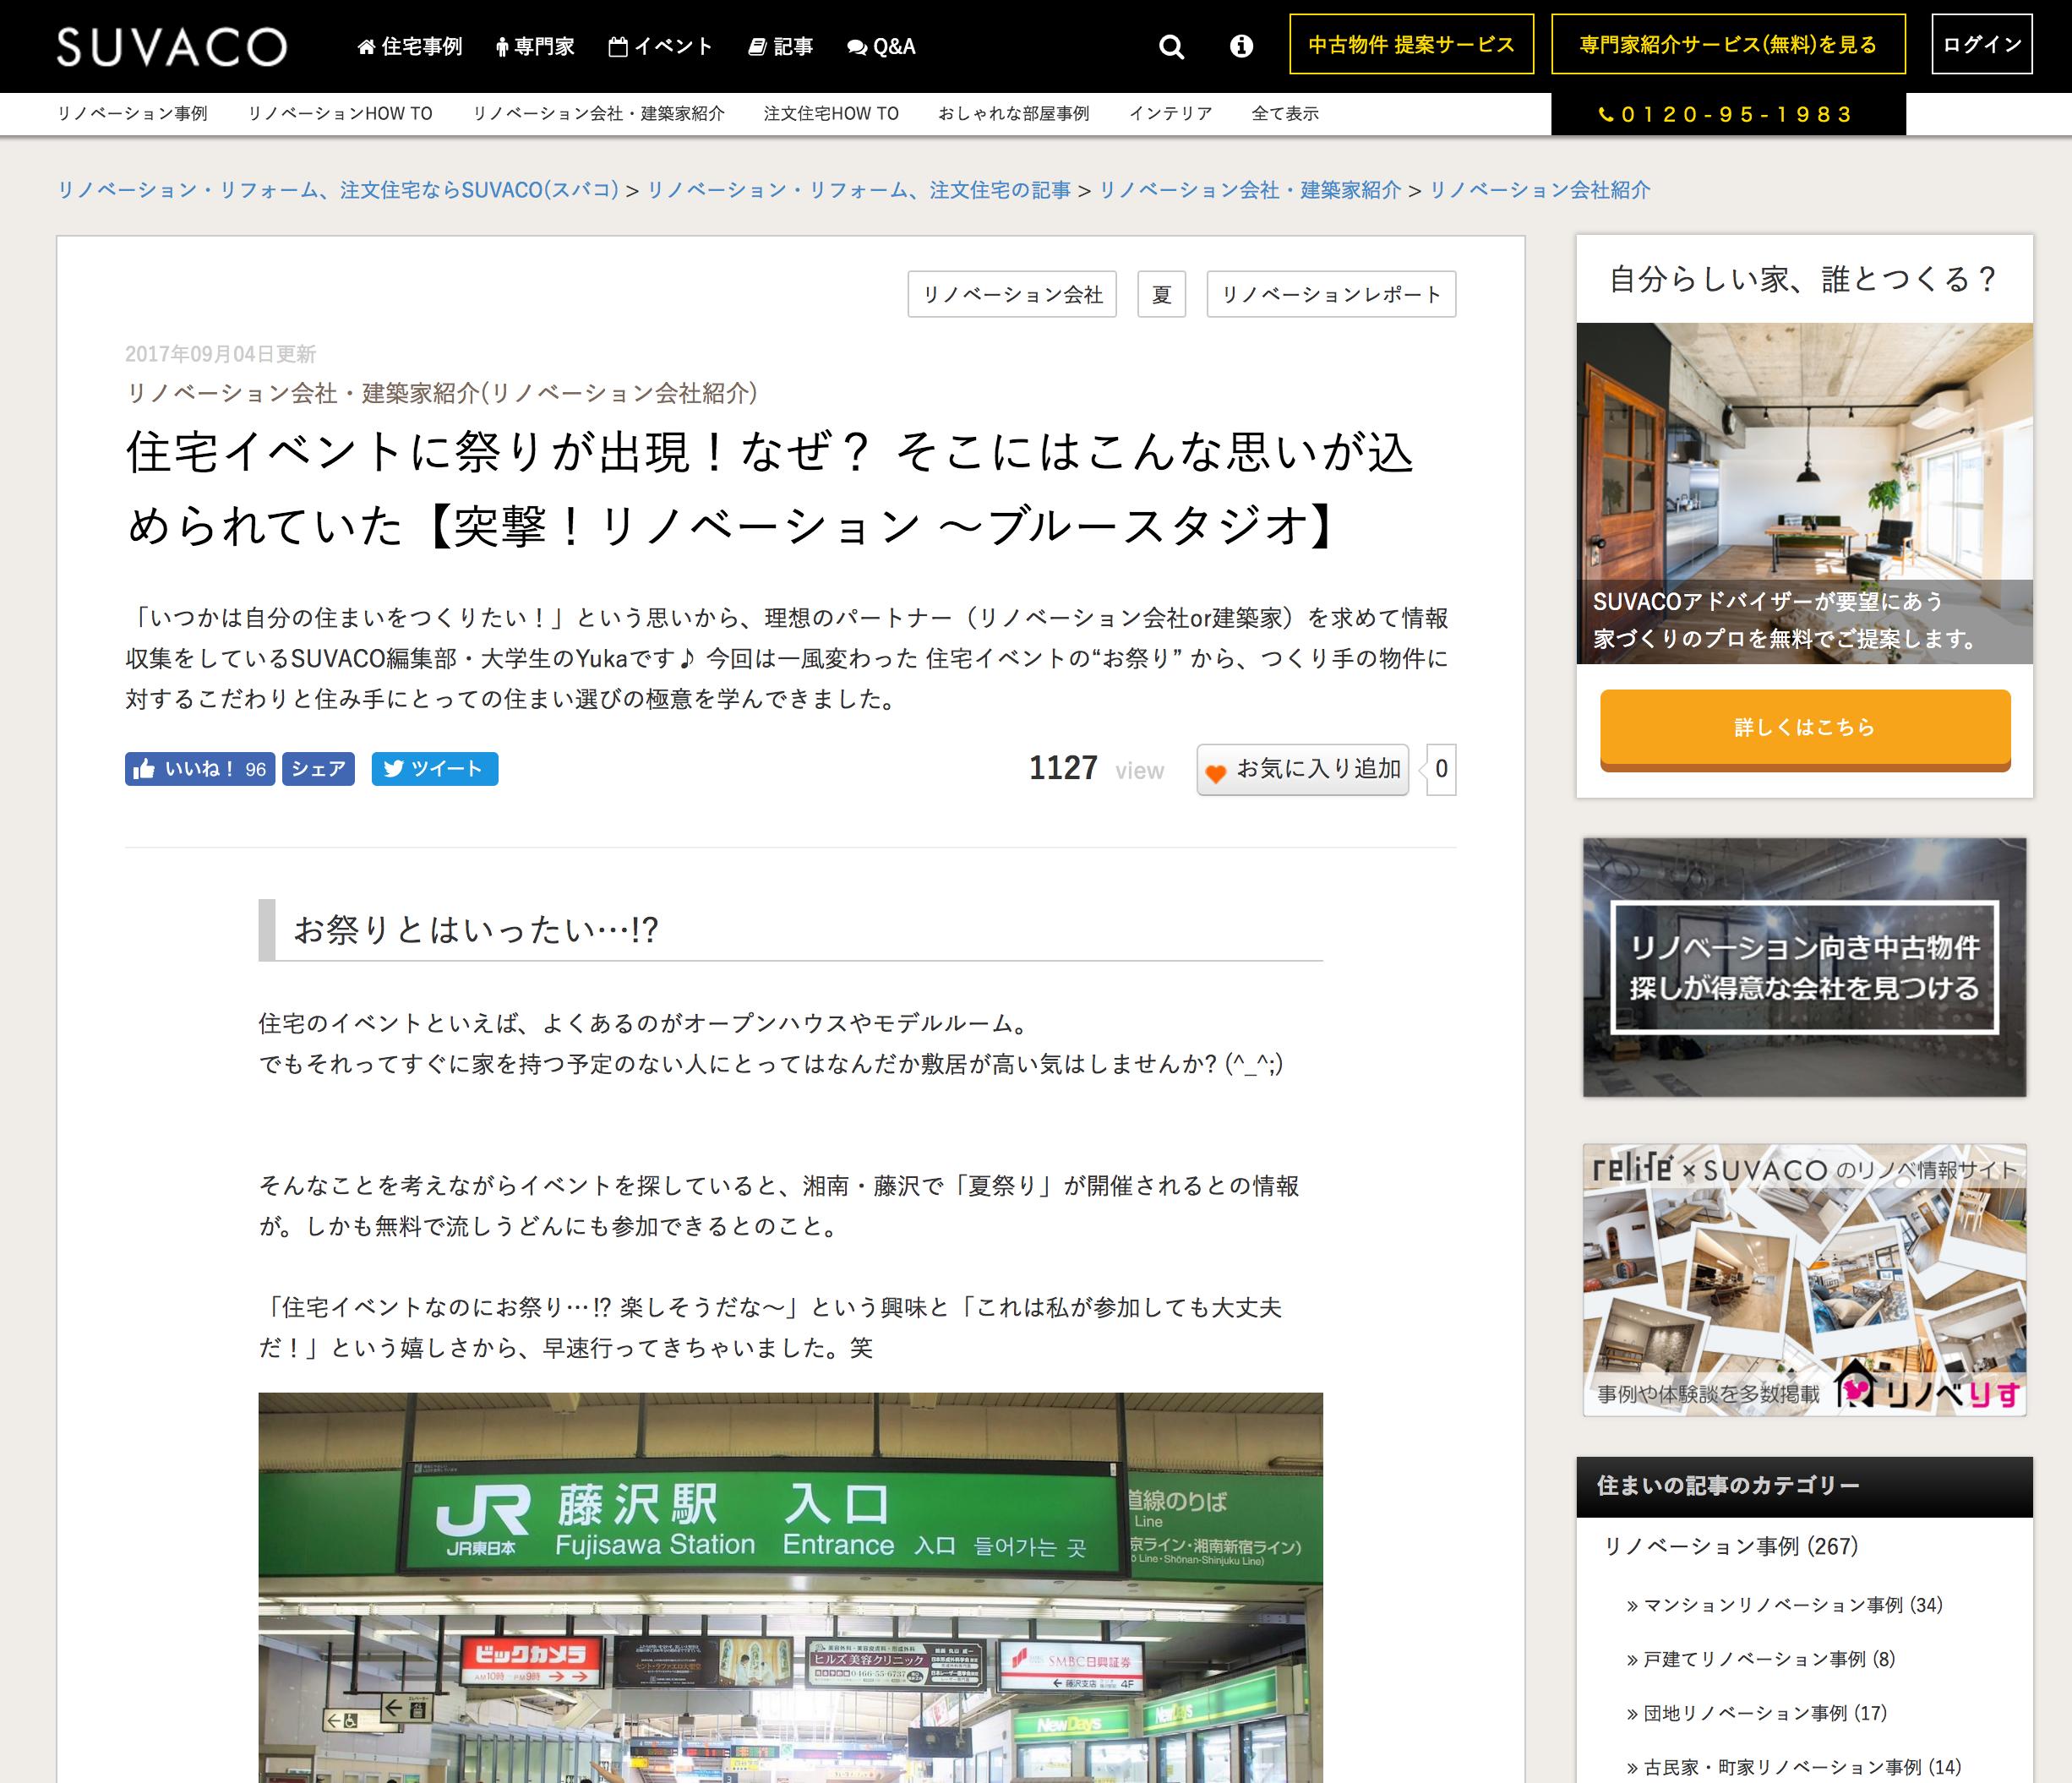 《掲載》ウェブメディア『SUVACO』に掲載されました